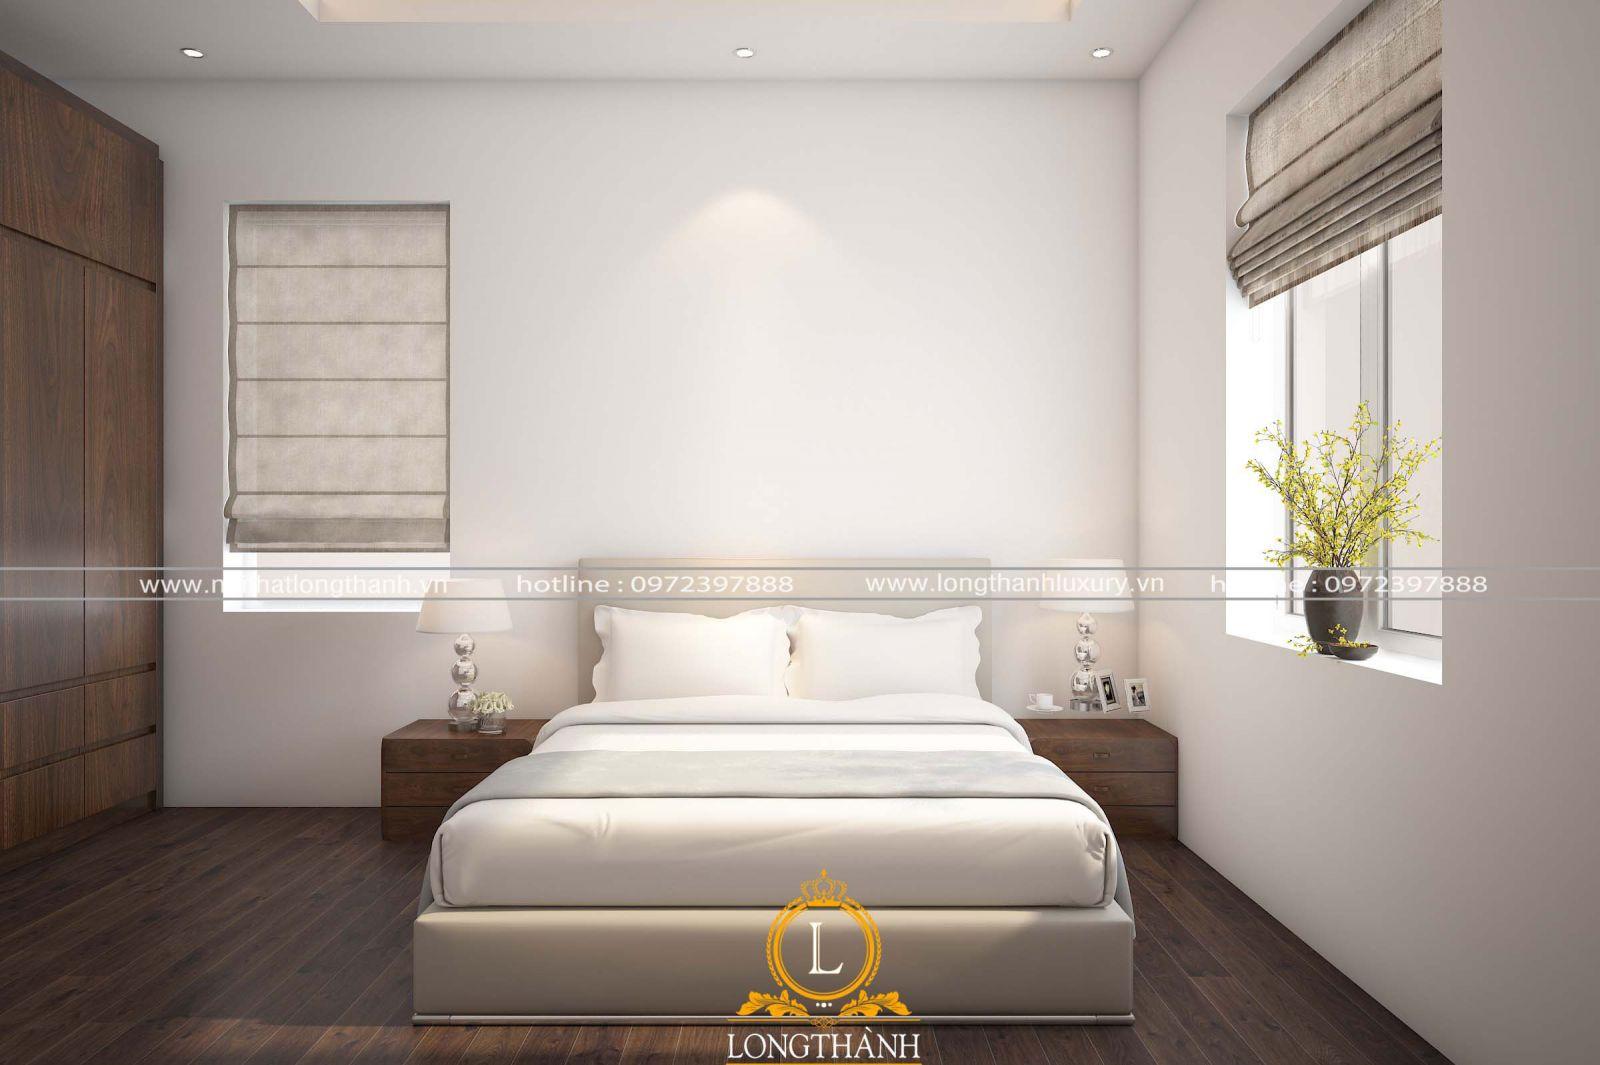 Chiếc giường ngủ được bố trí cạnh hệ cửa sổ giúp nguồn không khí trong phòng được lưu thông